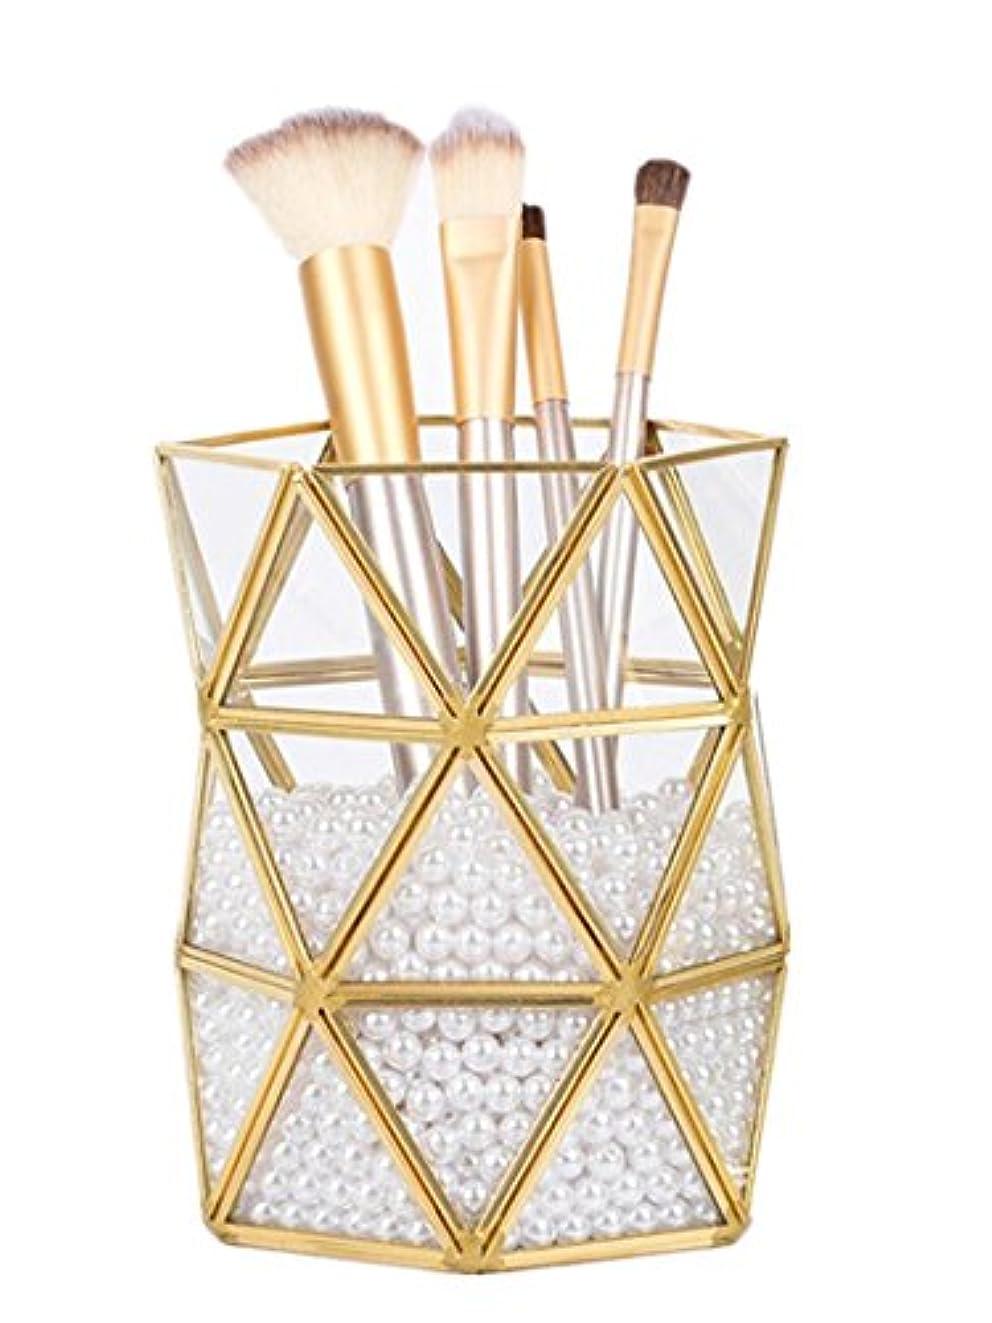 顔料メイトポルノガラスと真鍮でできたキャッシュトレー シャンパンゴールドガラス装飾表示&整理ガラストレイ ジュエリートレイ ゴールド メイクブラシ収納ボックス (ポリゴン)